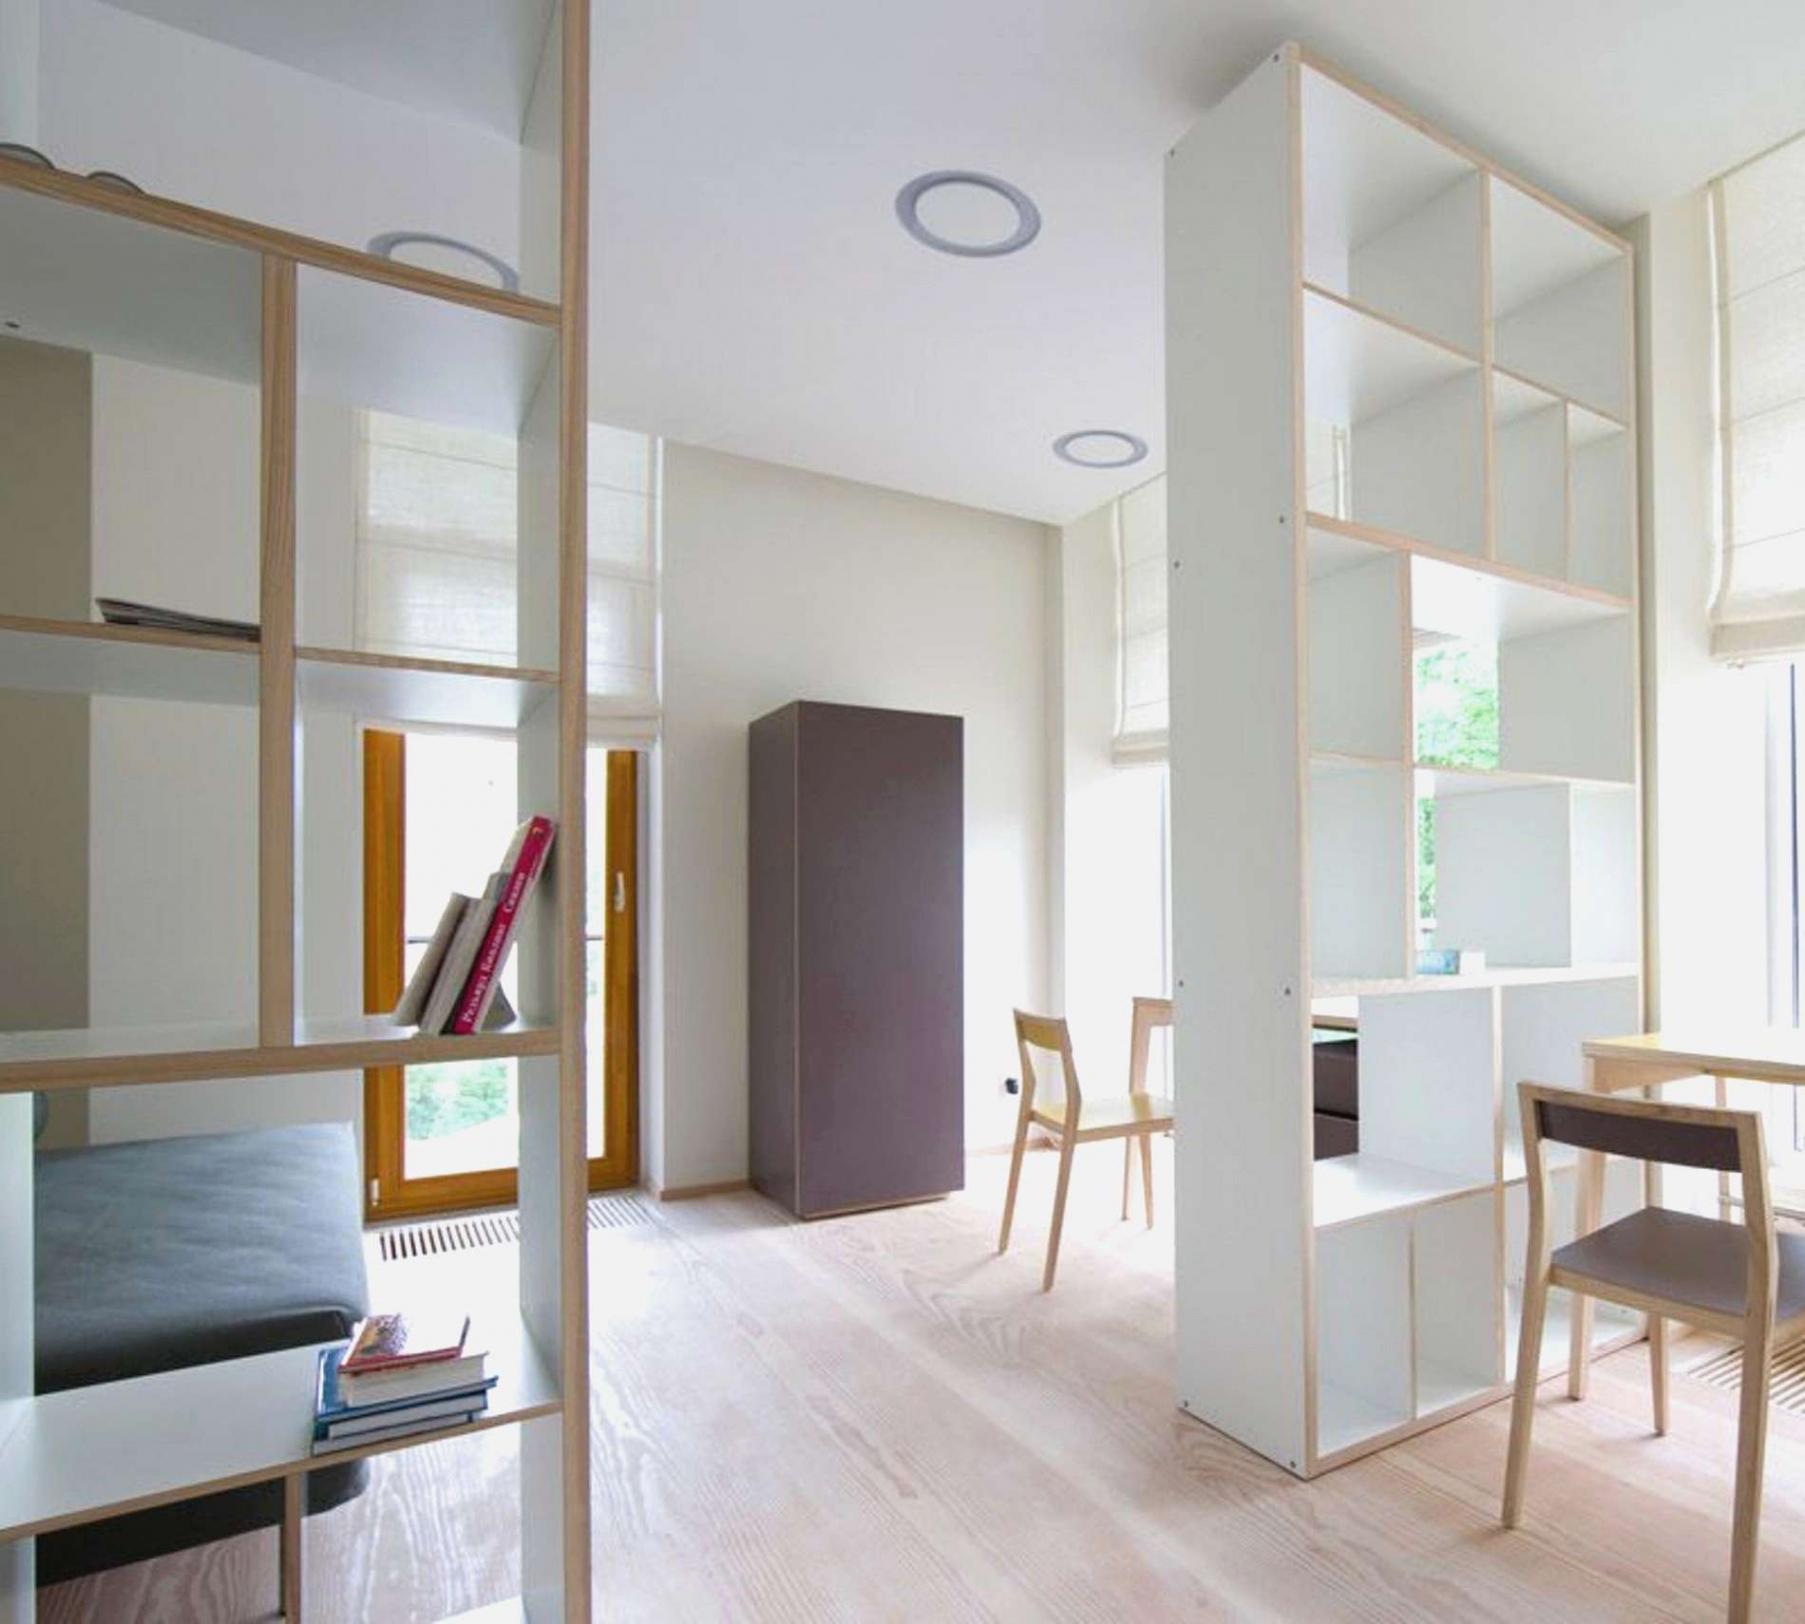 Full Size of 45 Schön Raumteiler Wohnzimmer   Raumteiler Ideen Vorhang Wohnzimmer Wohnzimmer Vorhänge